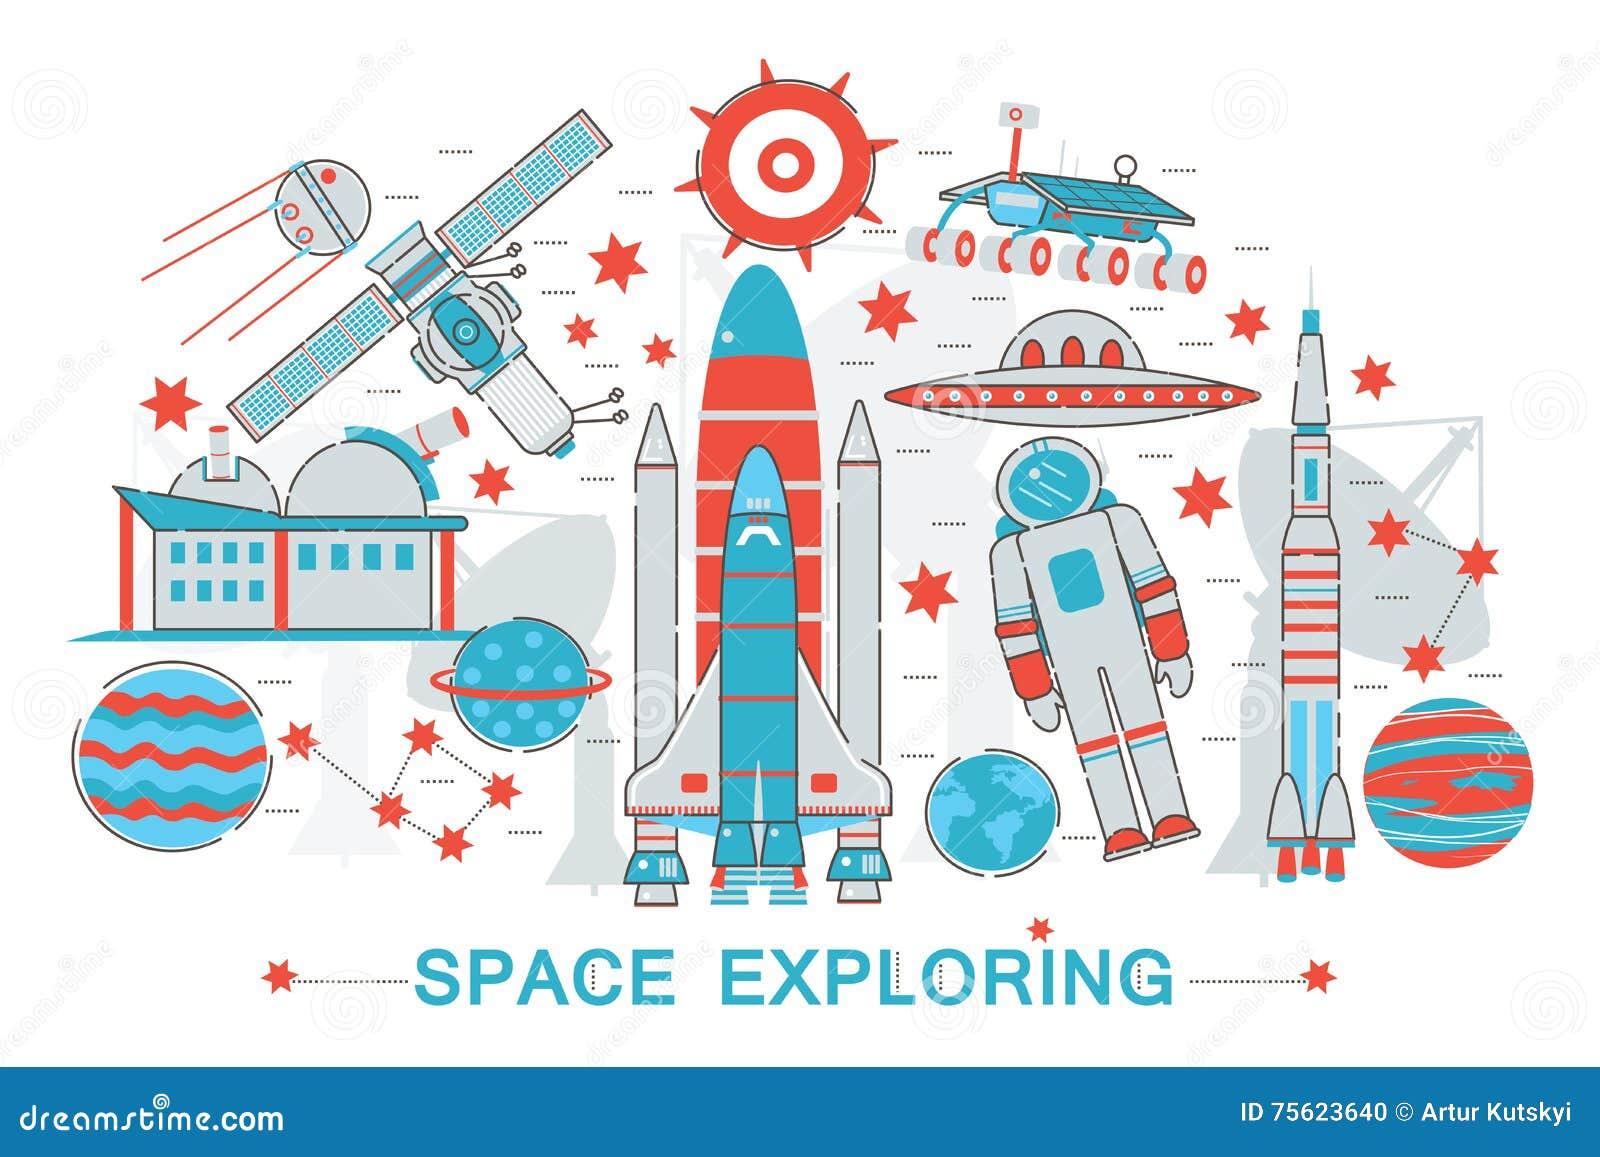 Línea fina plana moderna concepto de exploración de la tecnología del espacio abierto del diseño